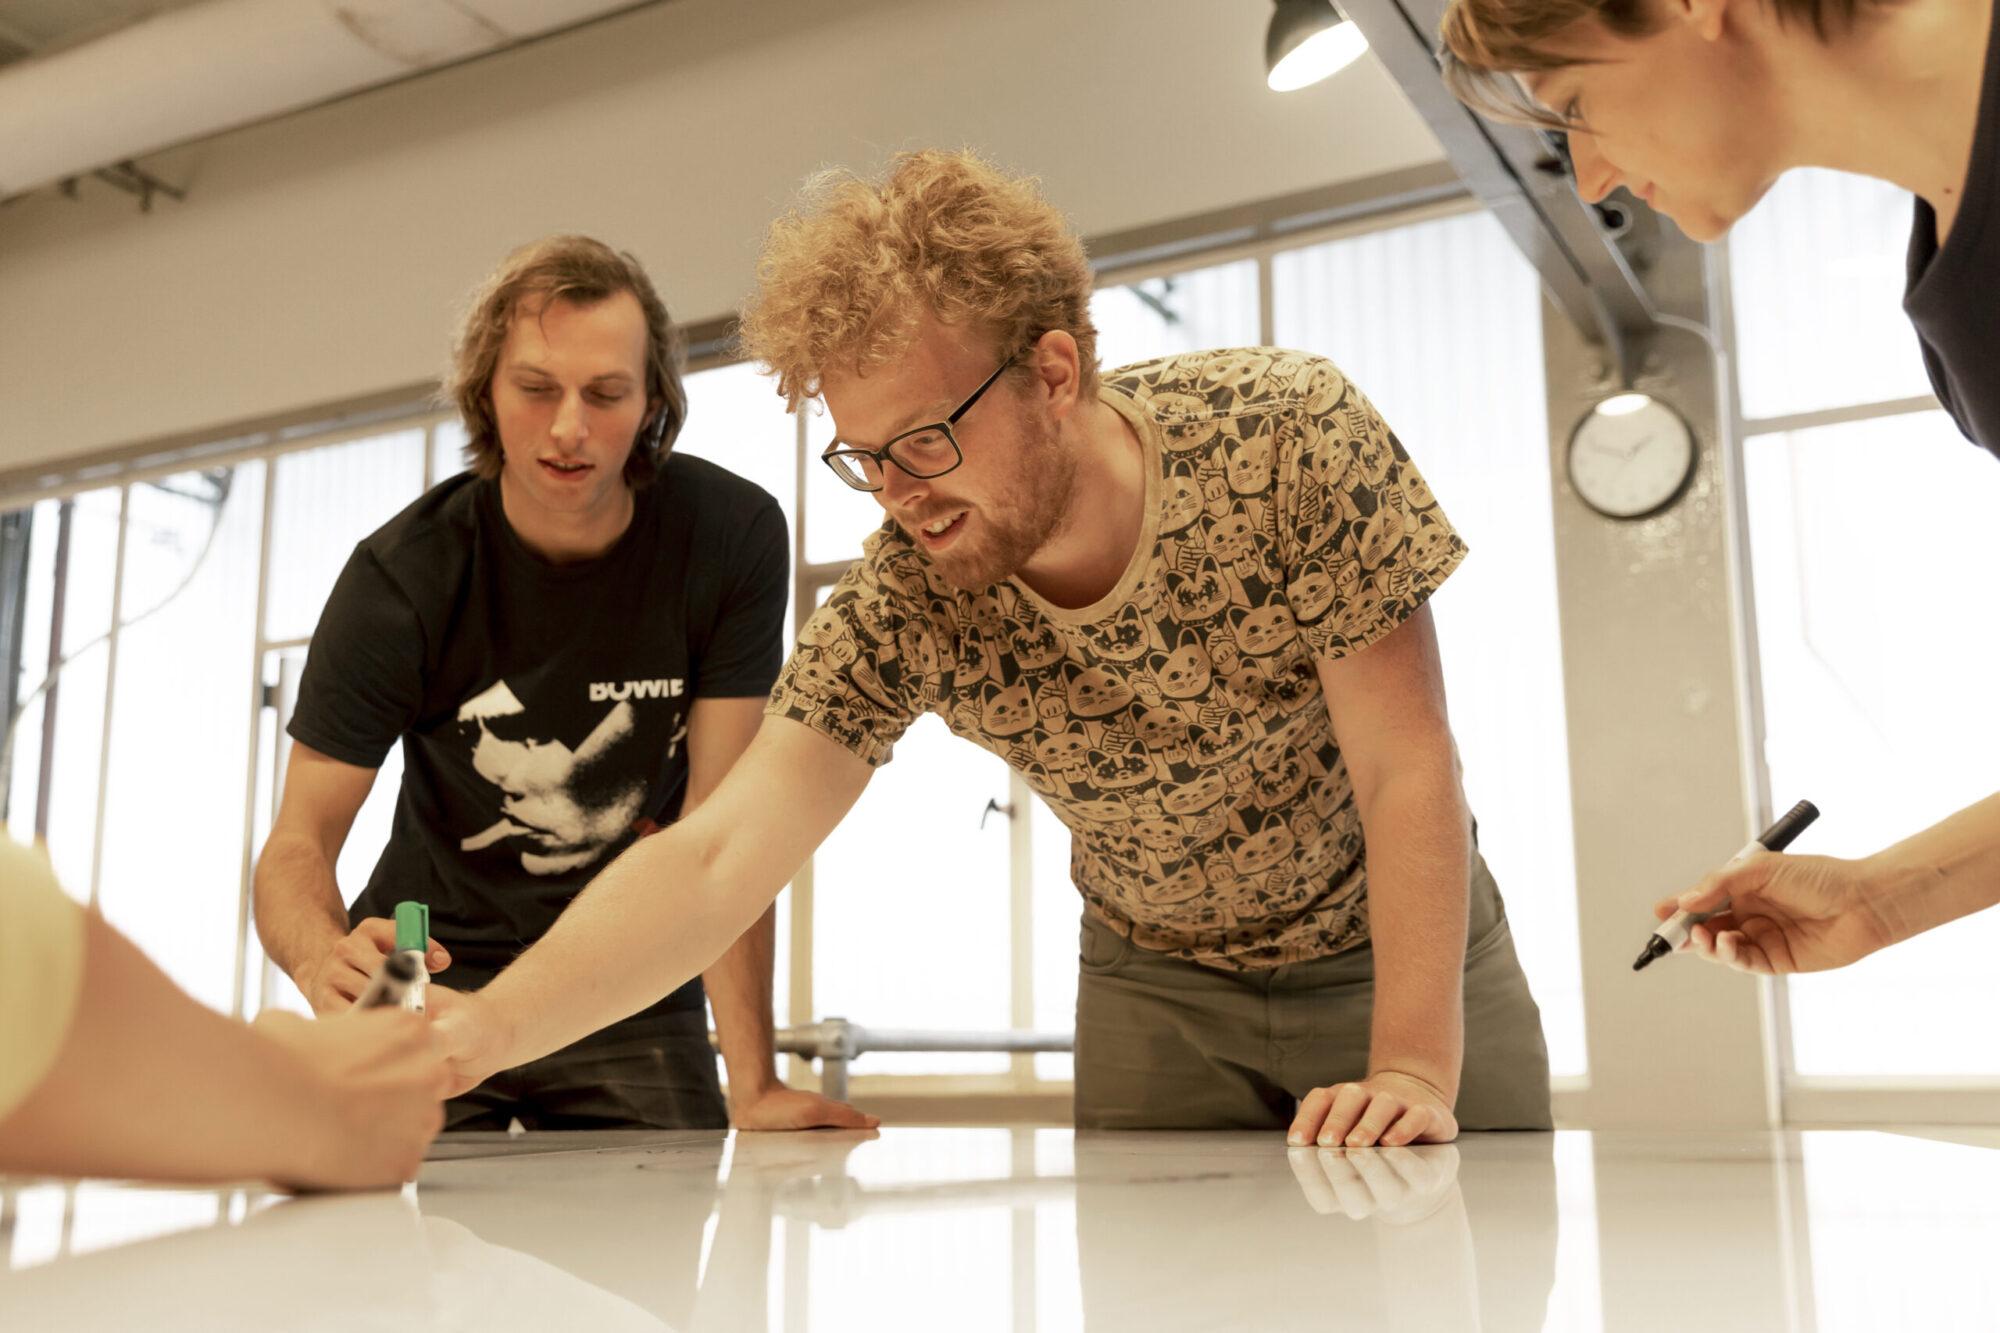 De Kabelfabriek - Wij denken en maken mooie dingen - De persona's van Delft